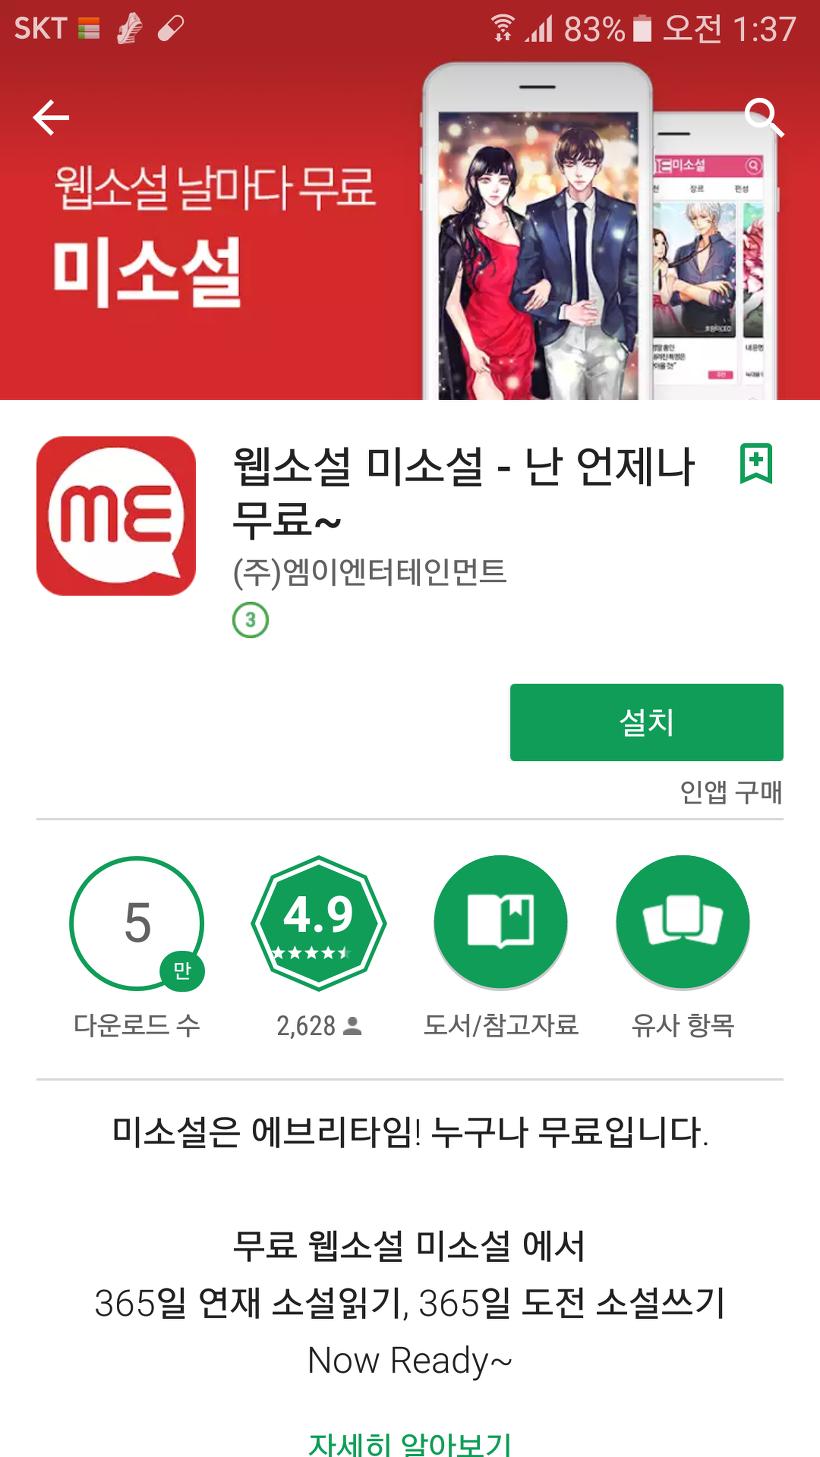 미소설 - 무료웹소설,성인소설 NO.1 [미소설]